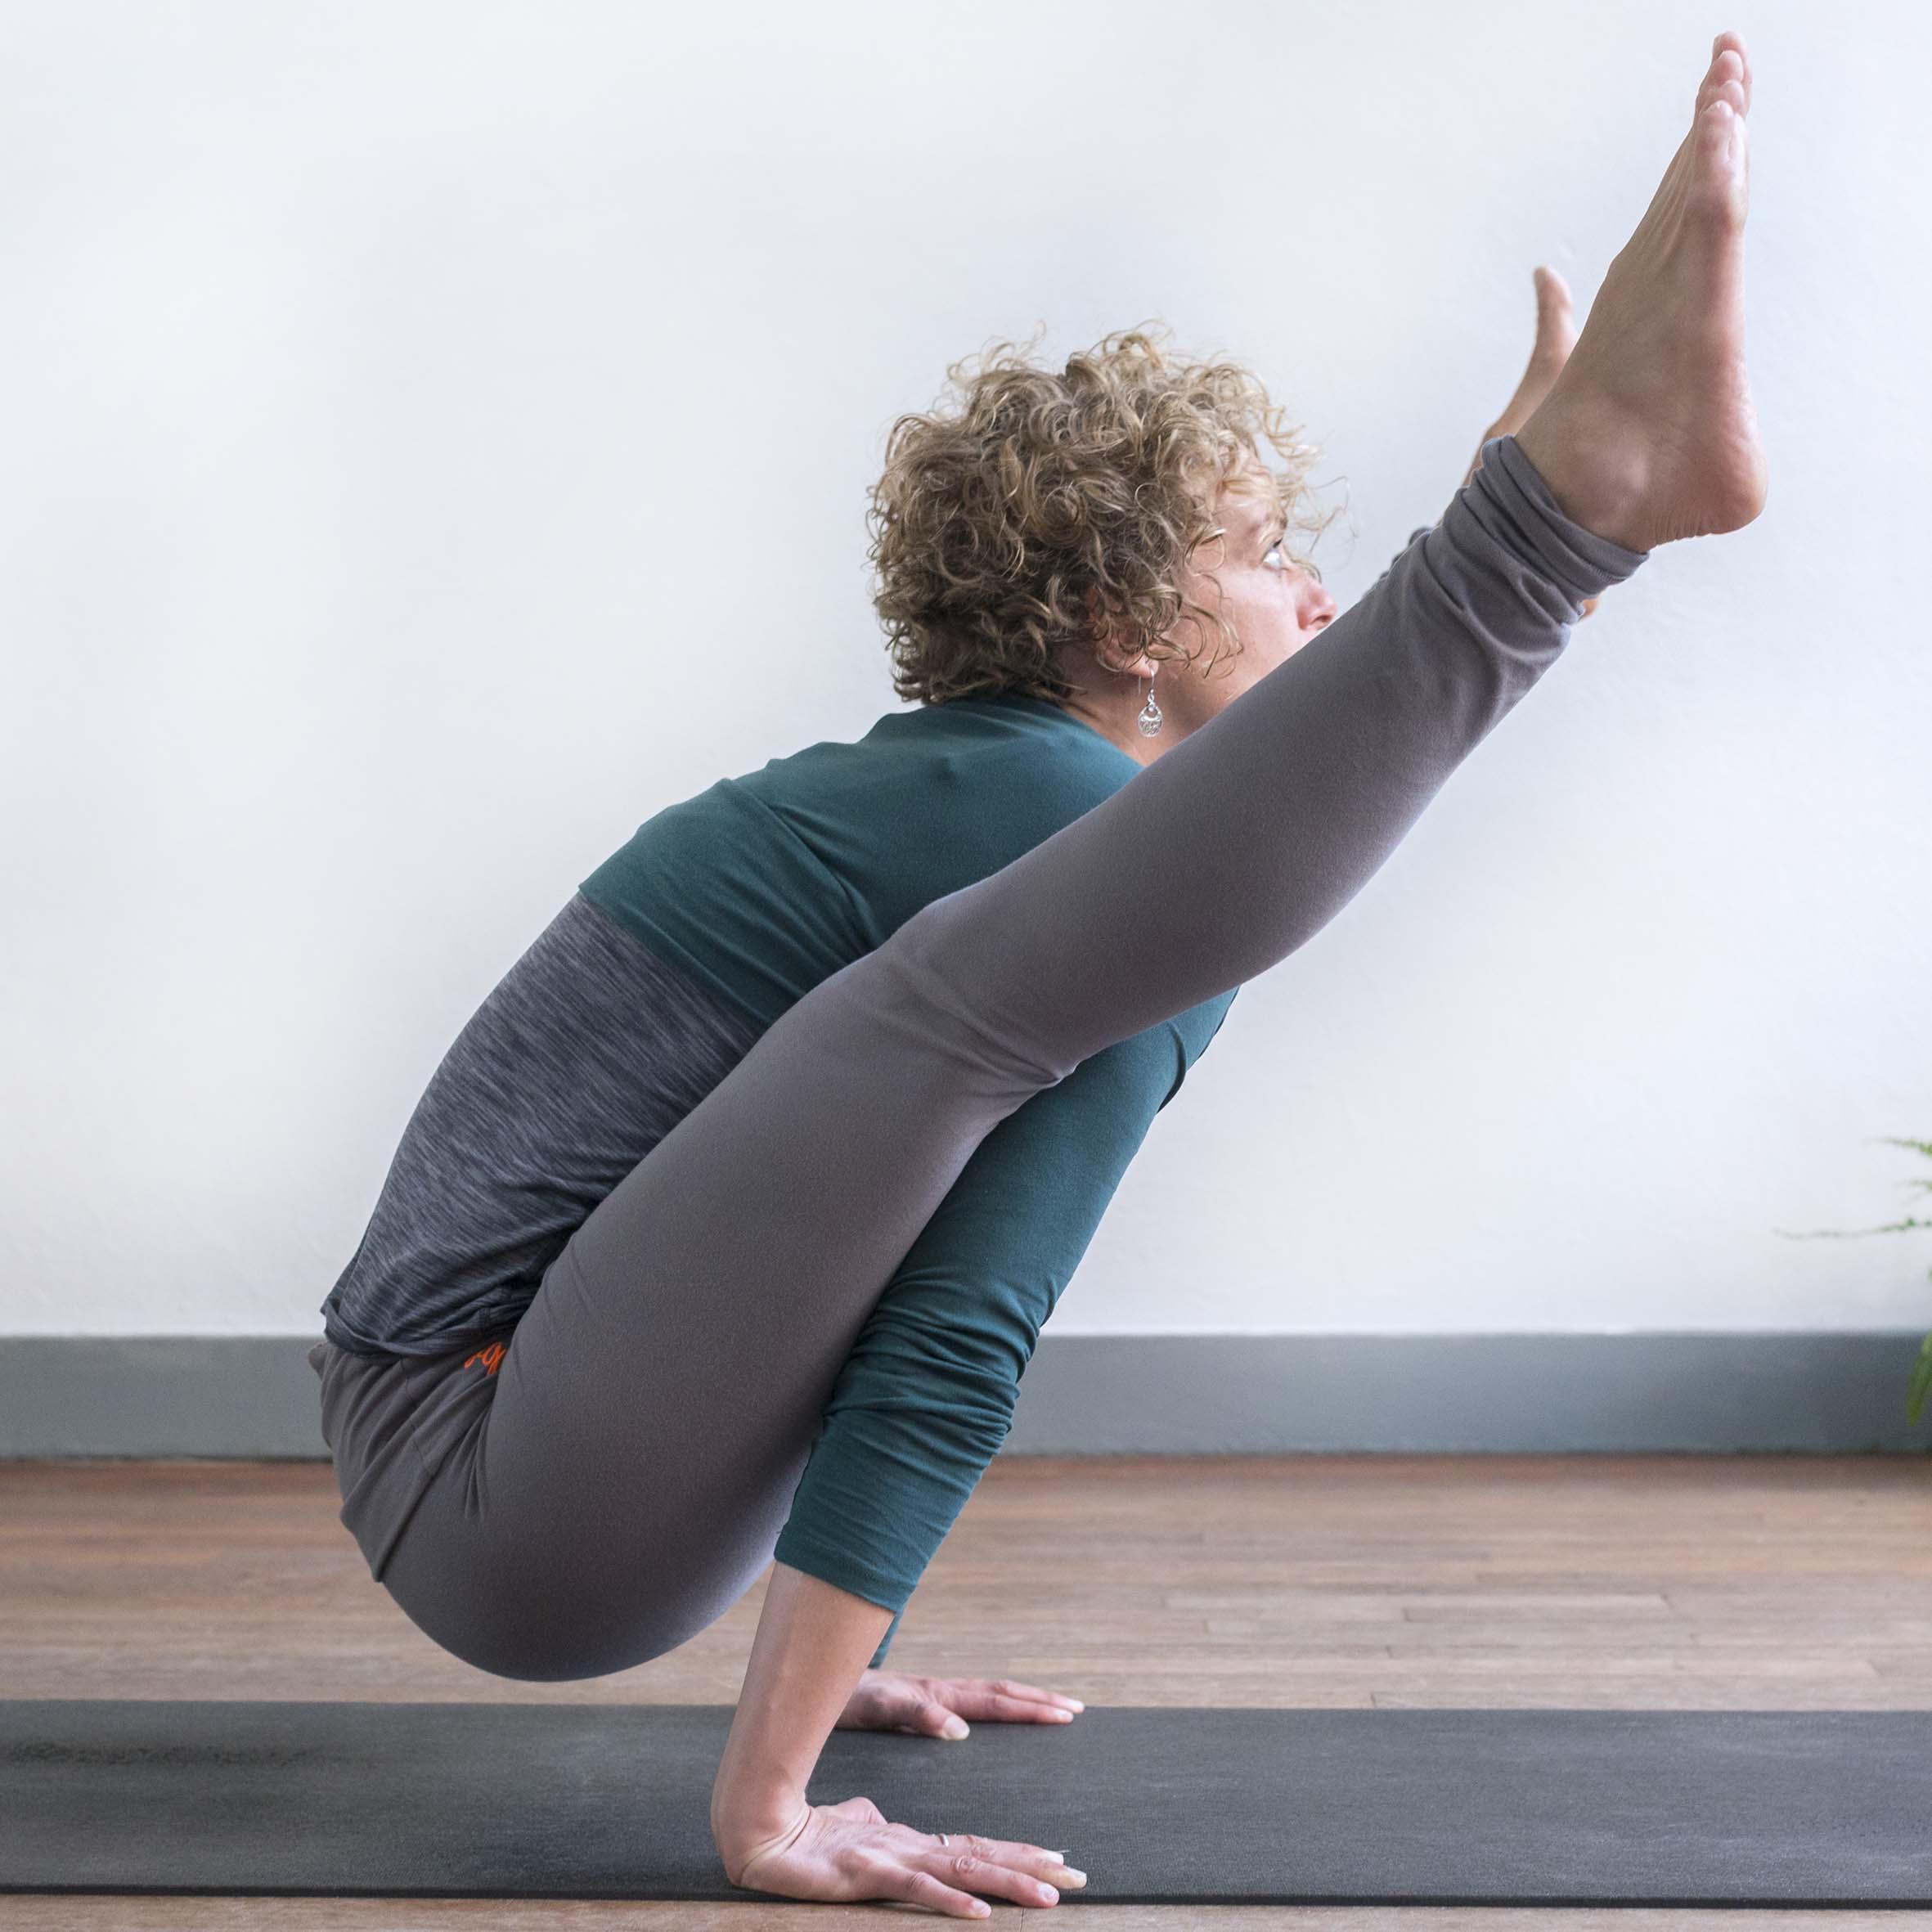 bhumi_yoga, maxi_meissner, yoga_groningen, yoga_nederland, ashtanga_yoga_groningen, ashtanga_050, Mysore_Groningen, Mysore_Nederland, Compassion